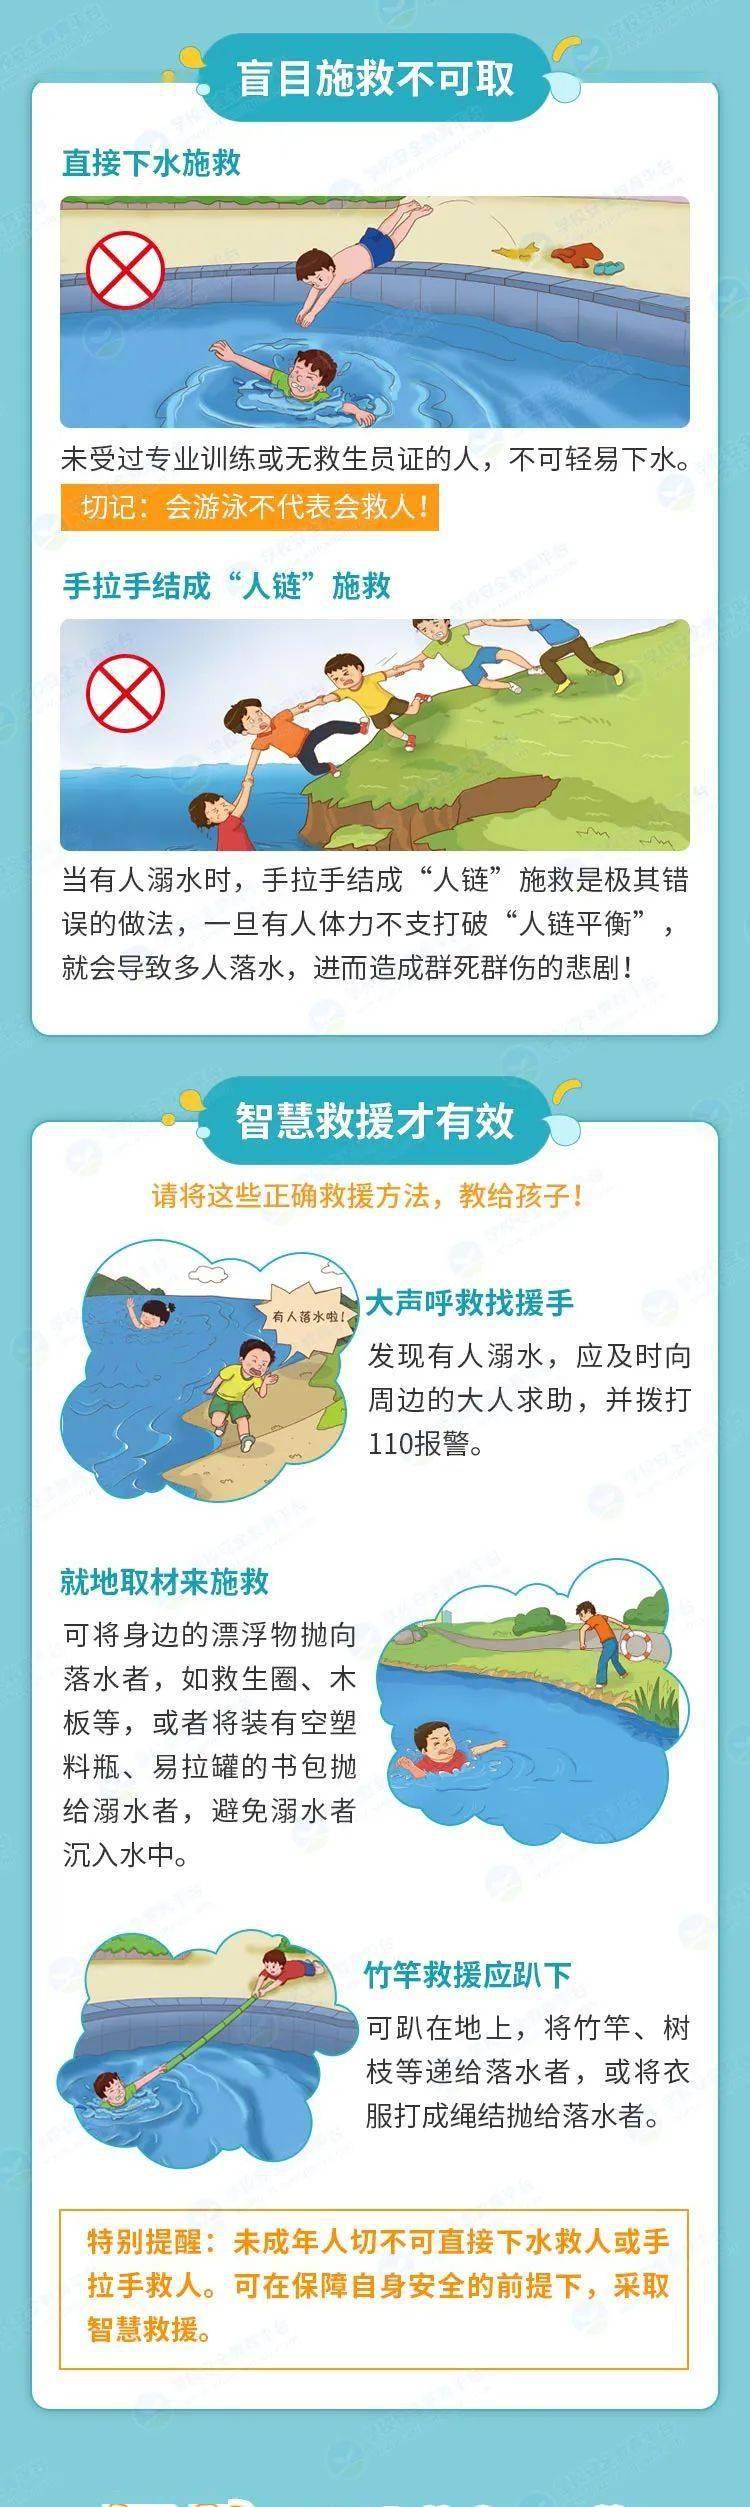 5岁妹妹溺水,8岁姐姐拼死营救,结果......